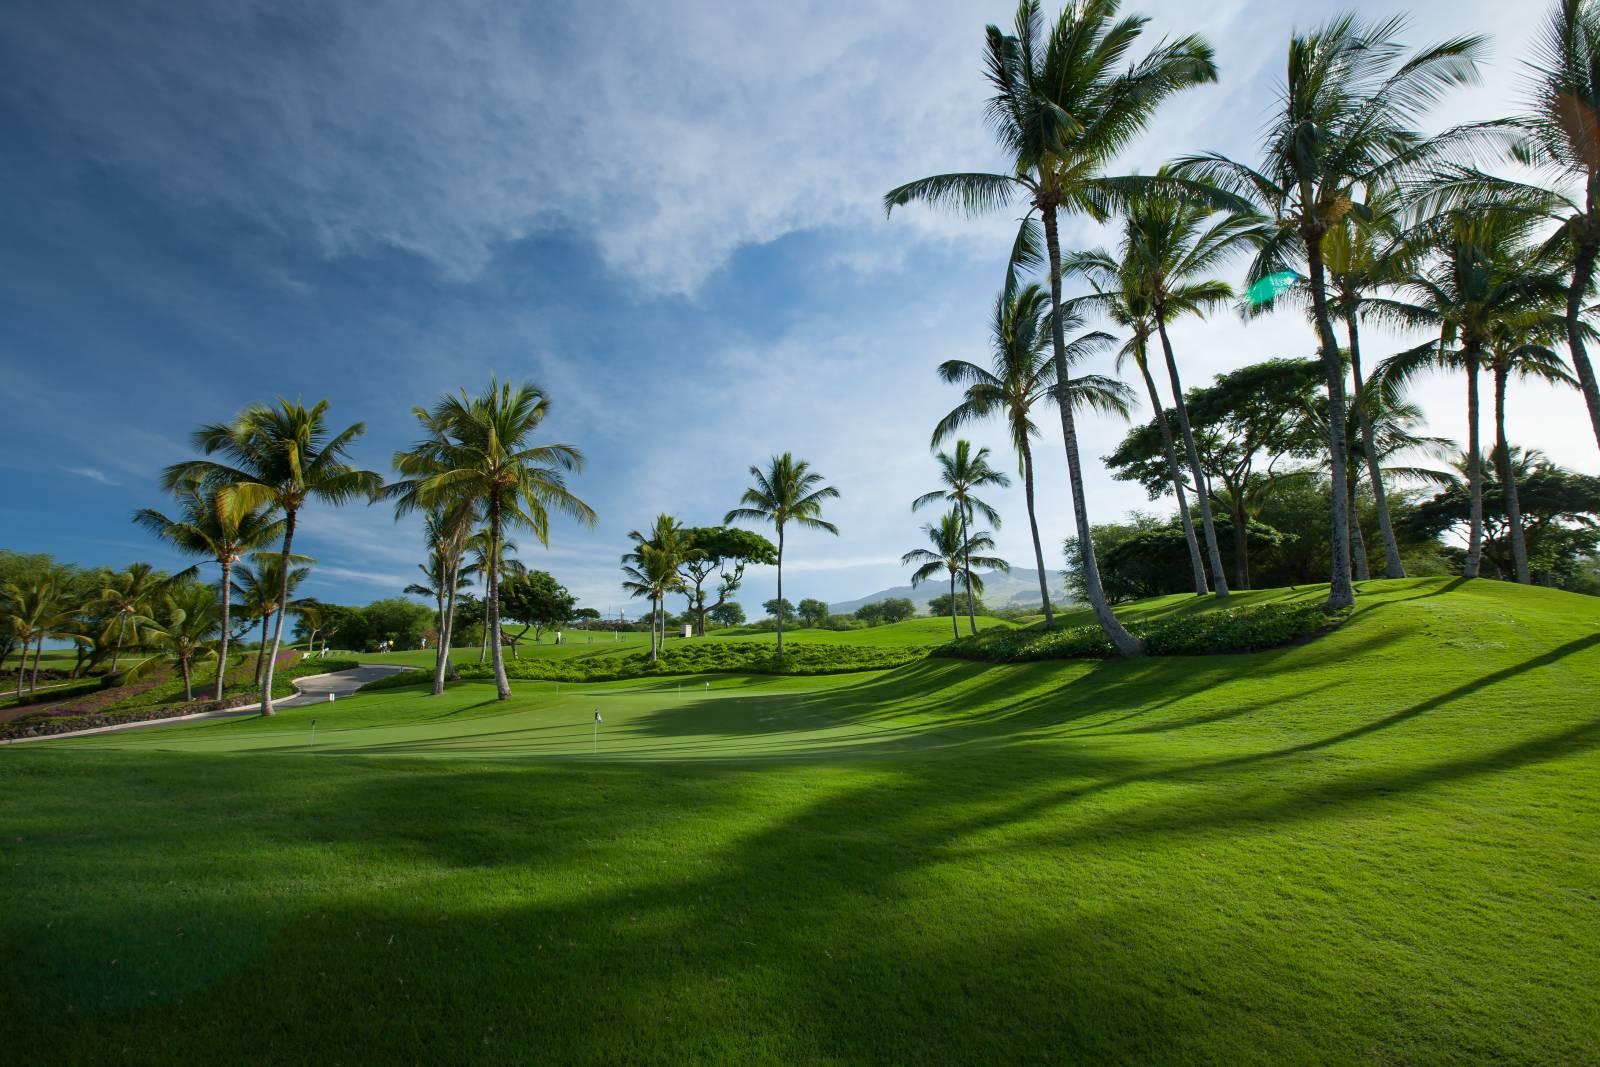 golf course homes Oahu